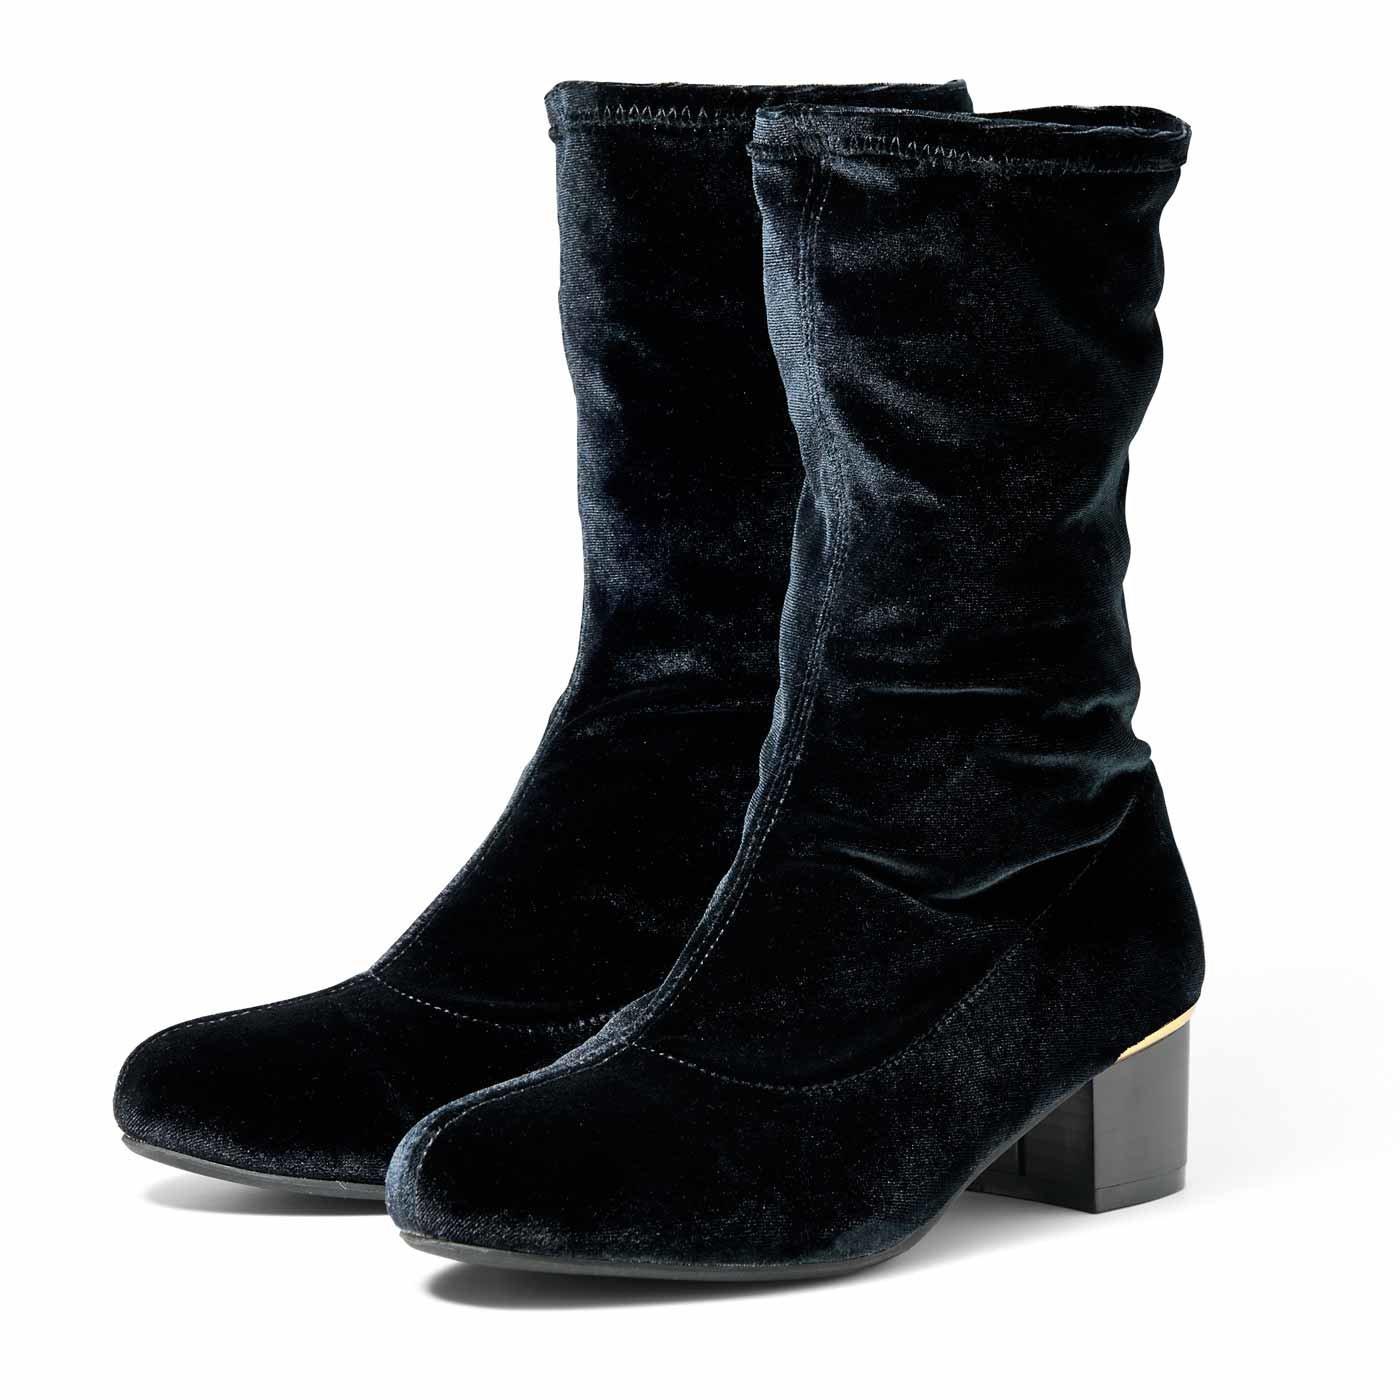 リブ イン コンフォート 靴下みたいにシュッと履けてらくちんな 上品ベロアブーツ〈ブラック〉